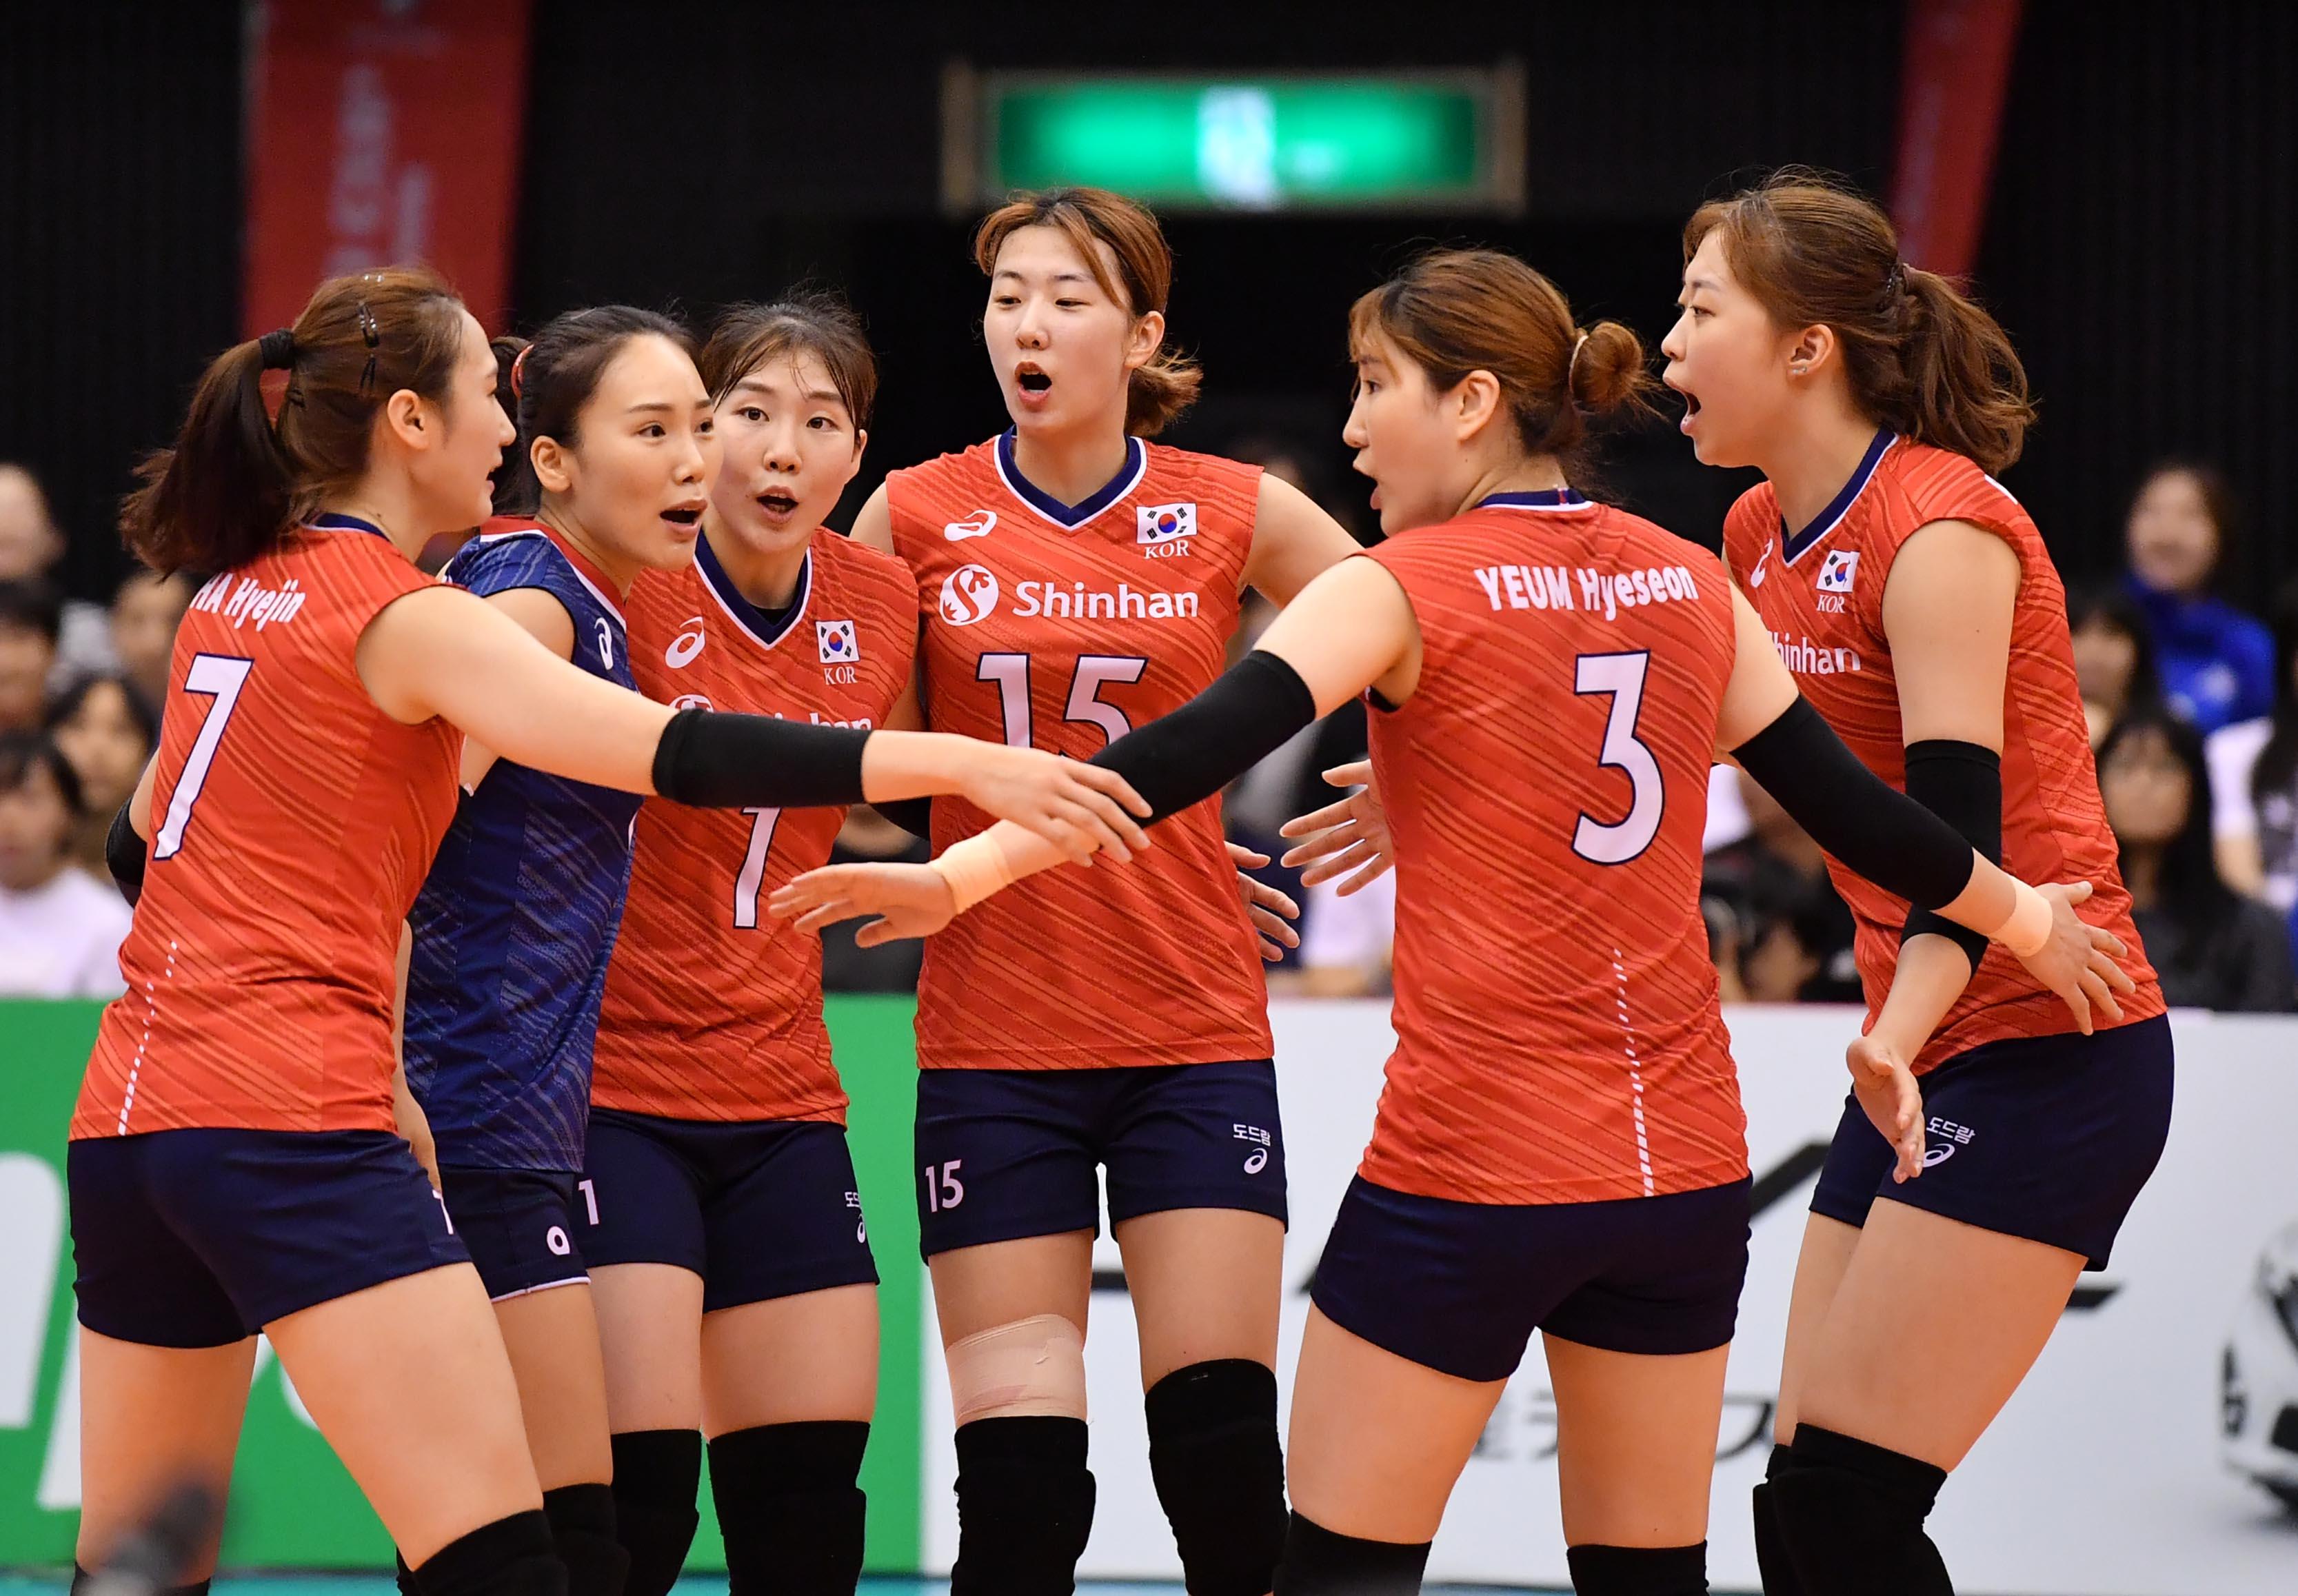 原创女排世界杯今日赛程,中国女排赢球即夺冠,央视全程直播!